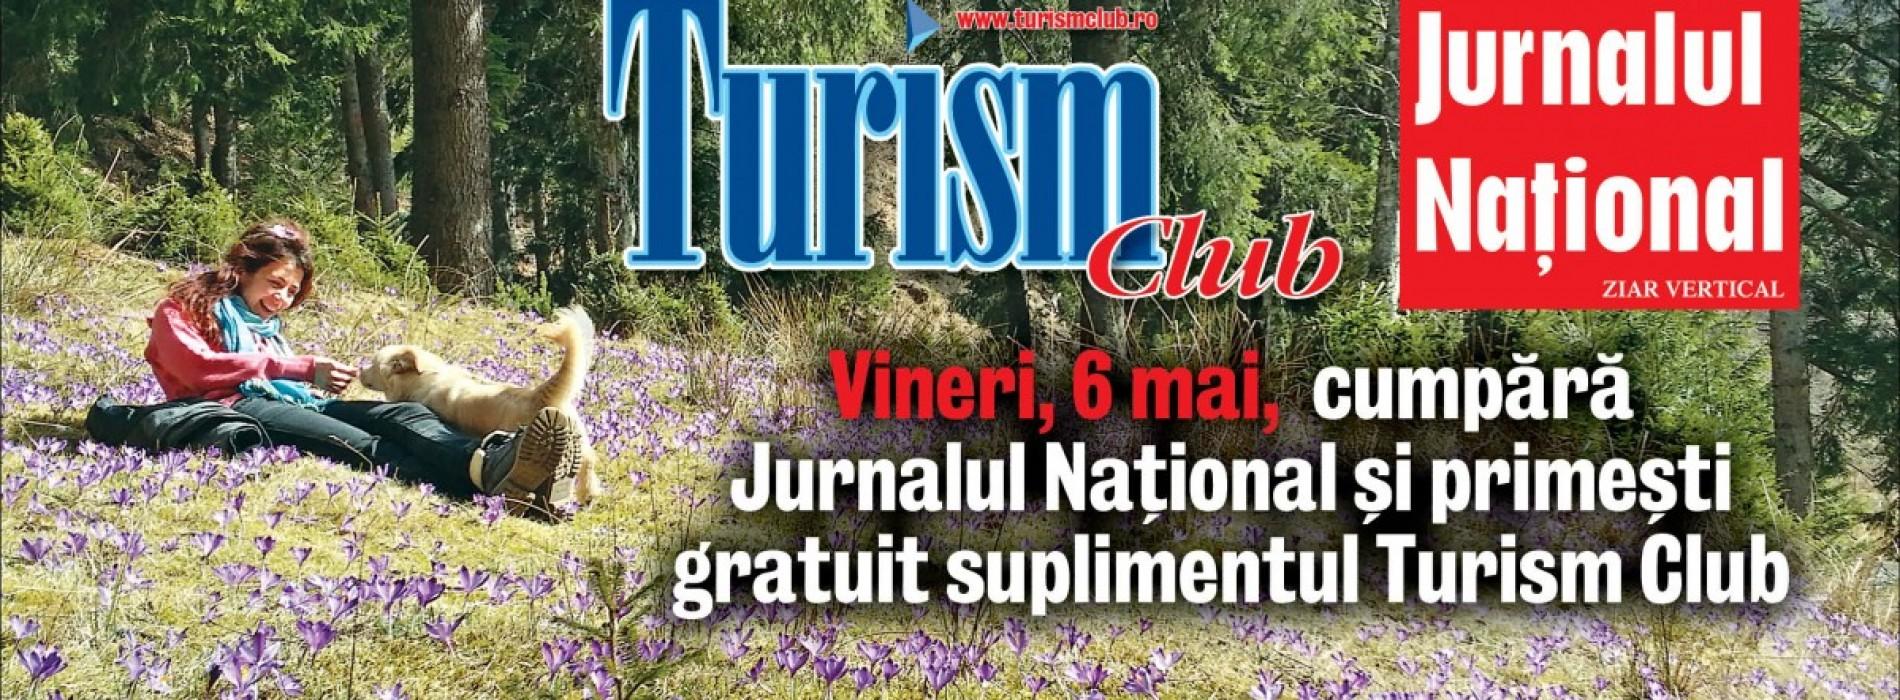 Azi, Turism Club a apărut împreună cu Jurnalul Național, la doar 1,9 lei